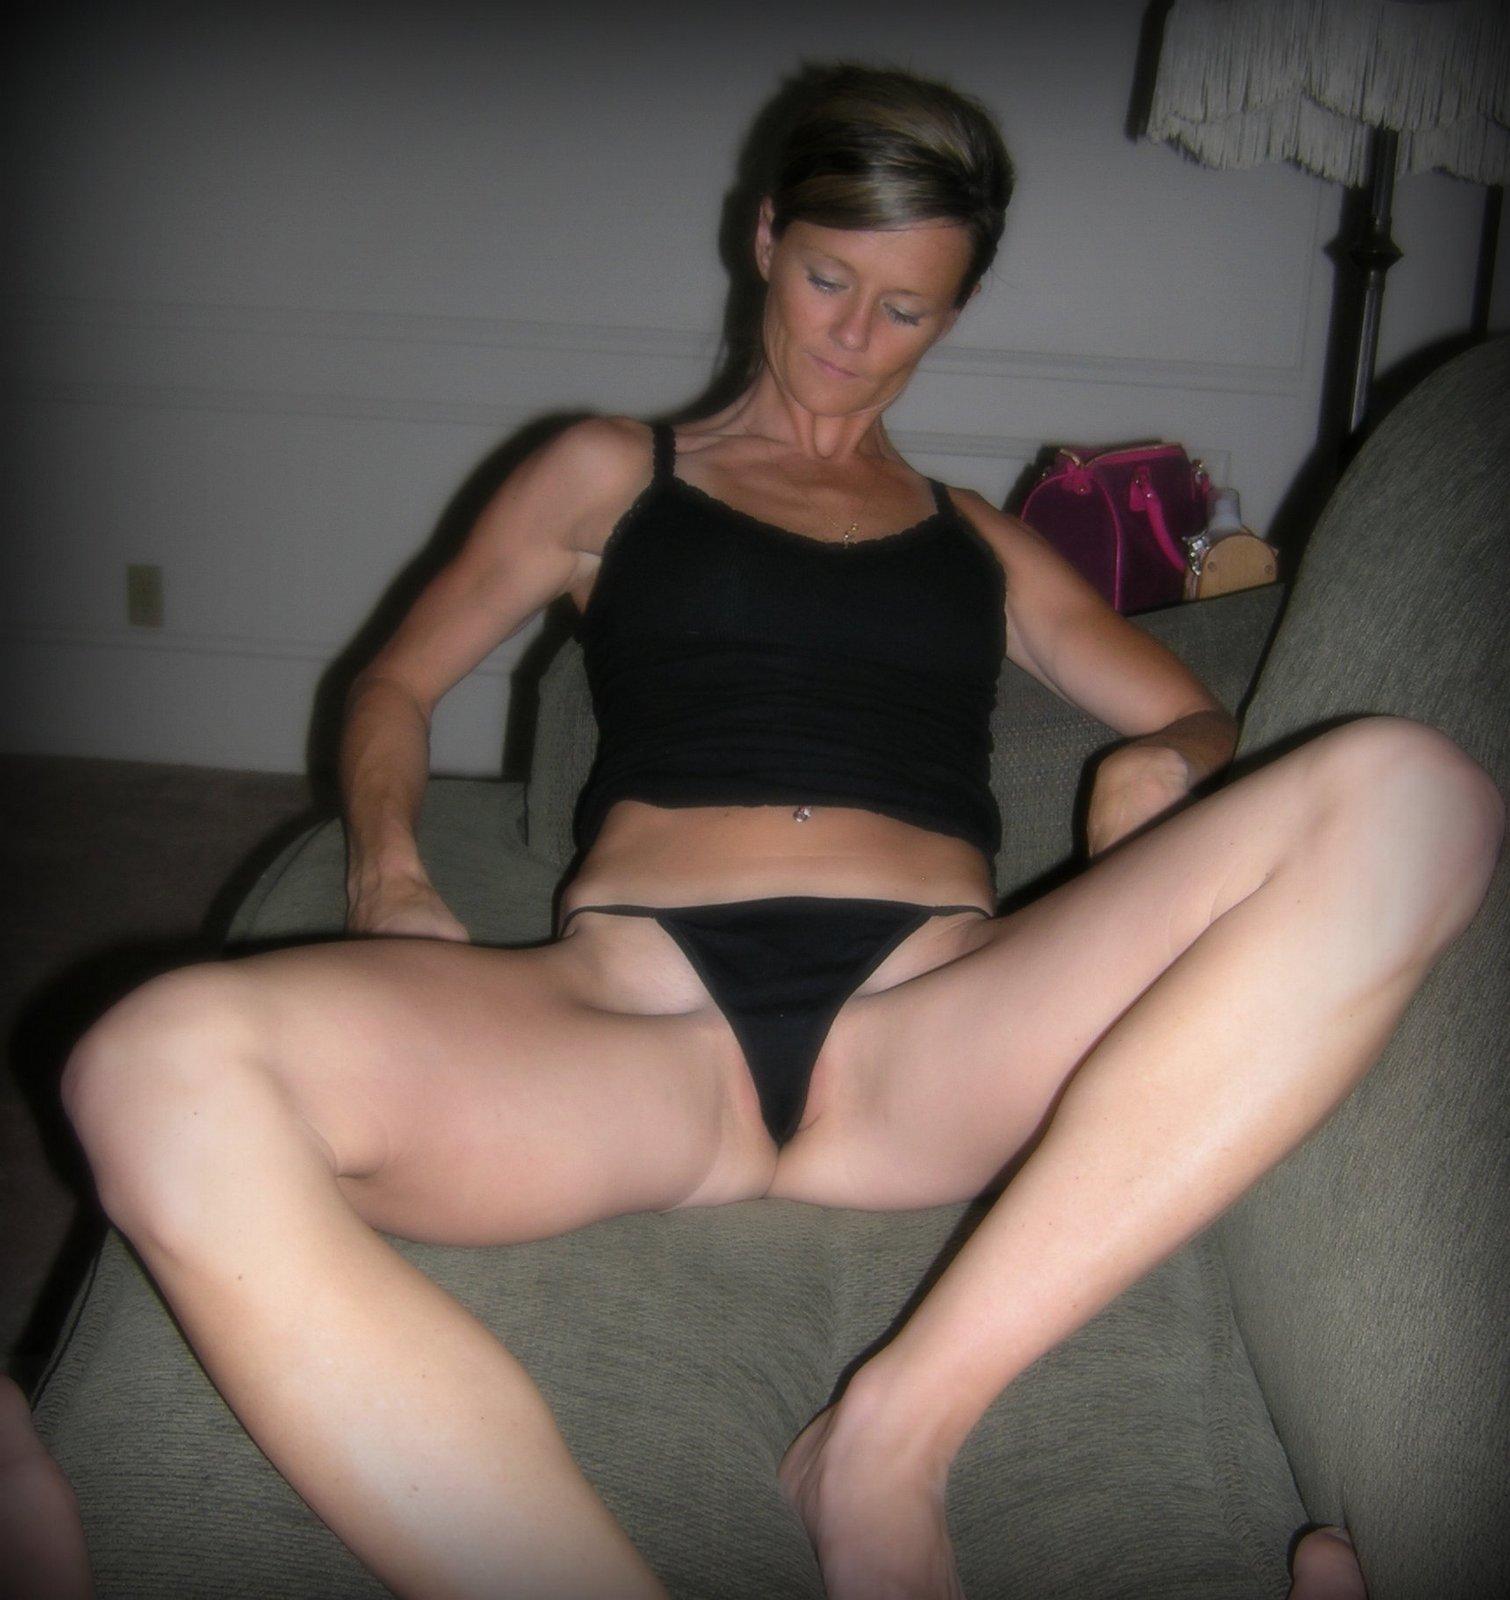 Изящная тетка желает похвастать обнаженные дойки по выходным